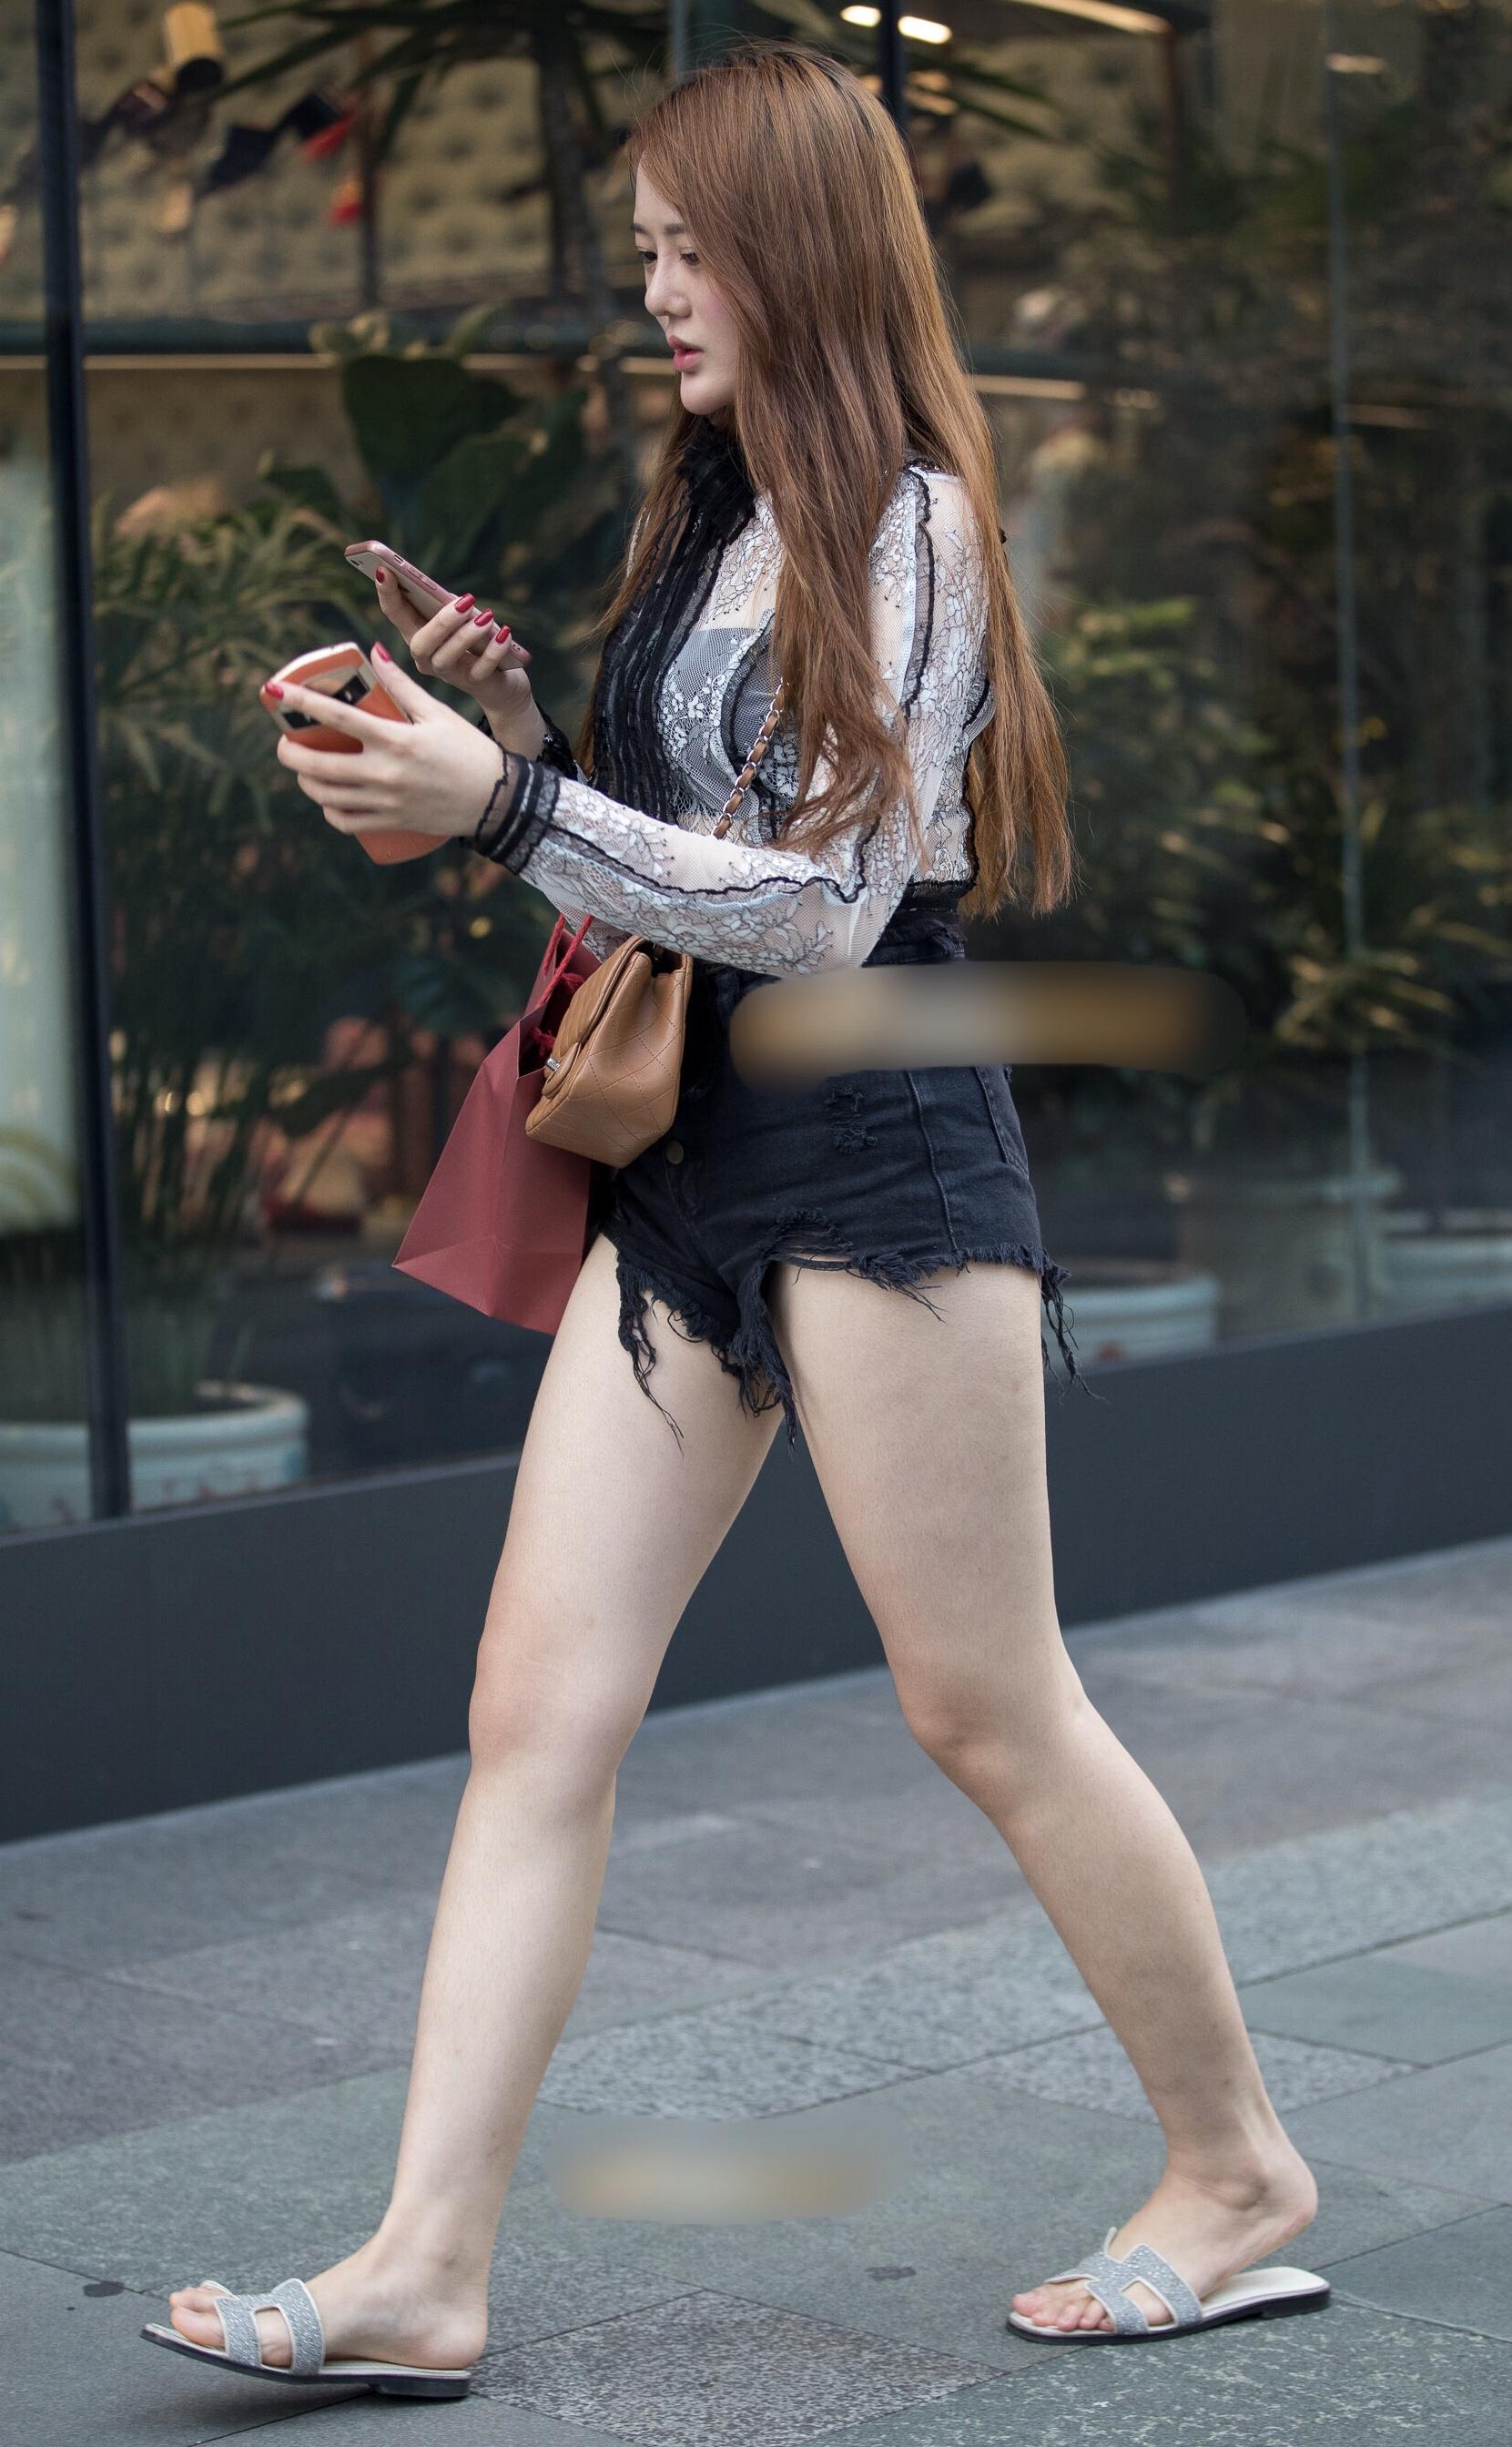 ショートパンツで下半身露出しすぎ女子の素人エロ画像-039